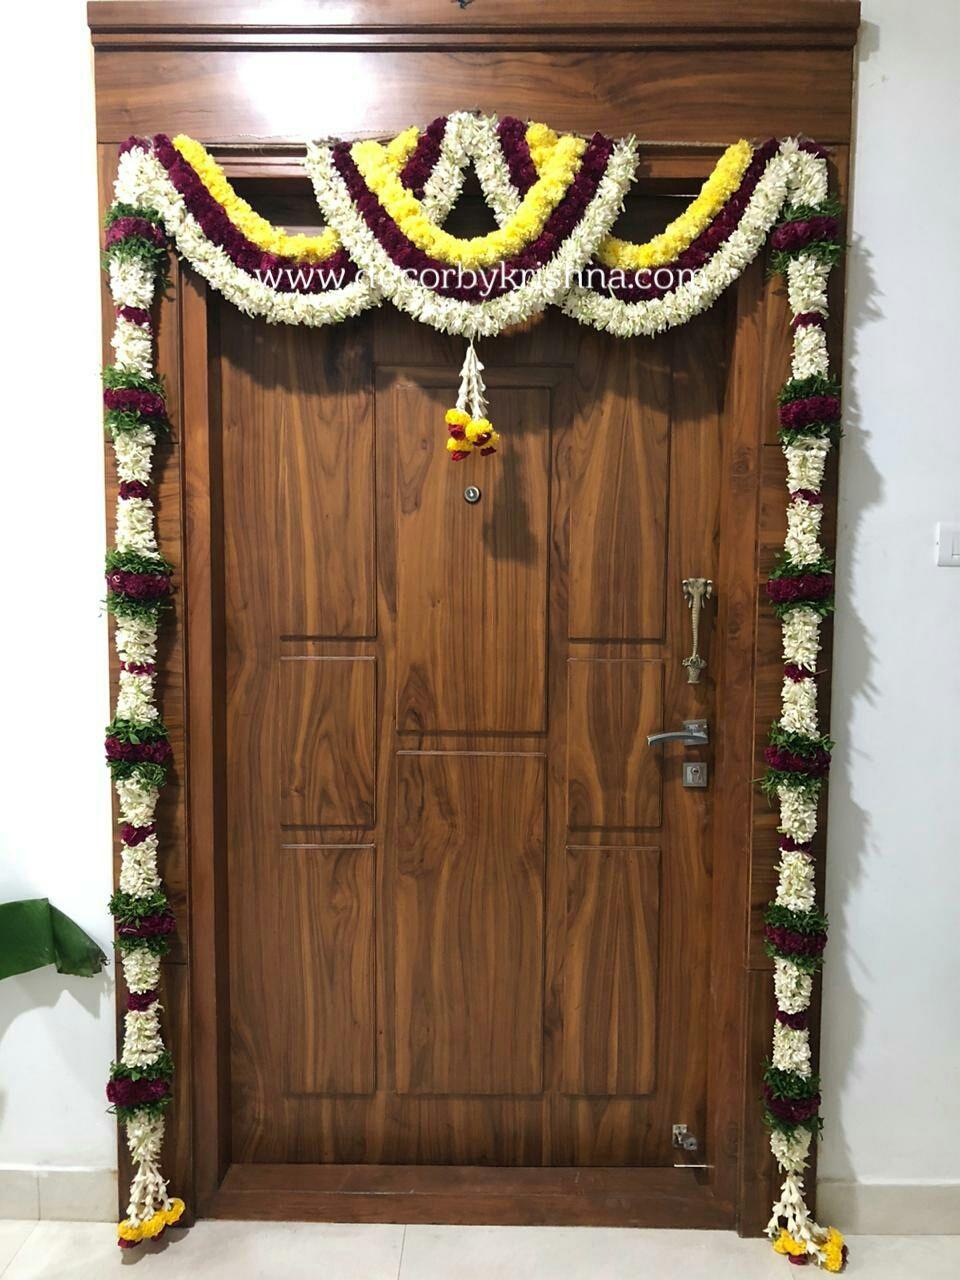 Main Door Decor Hanging Floral Decor Home Wedding Decorations Pooja Room Door Design